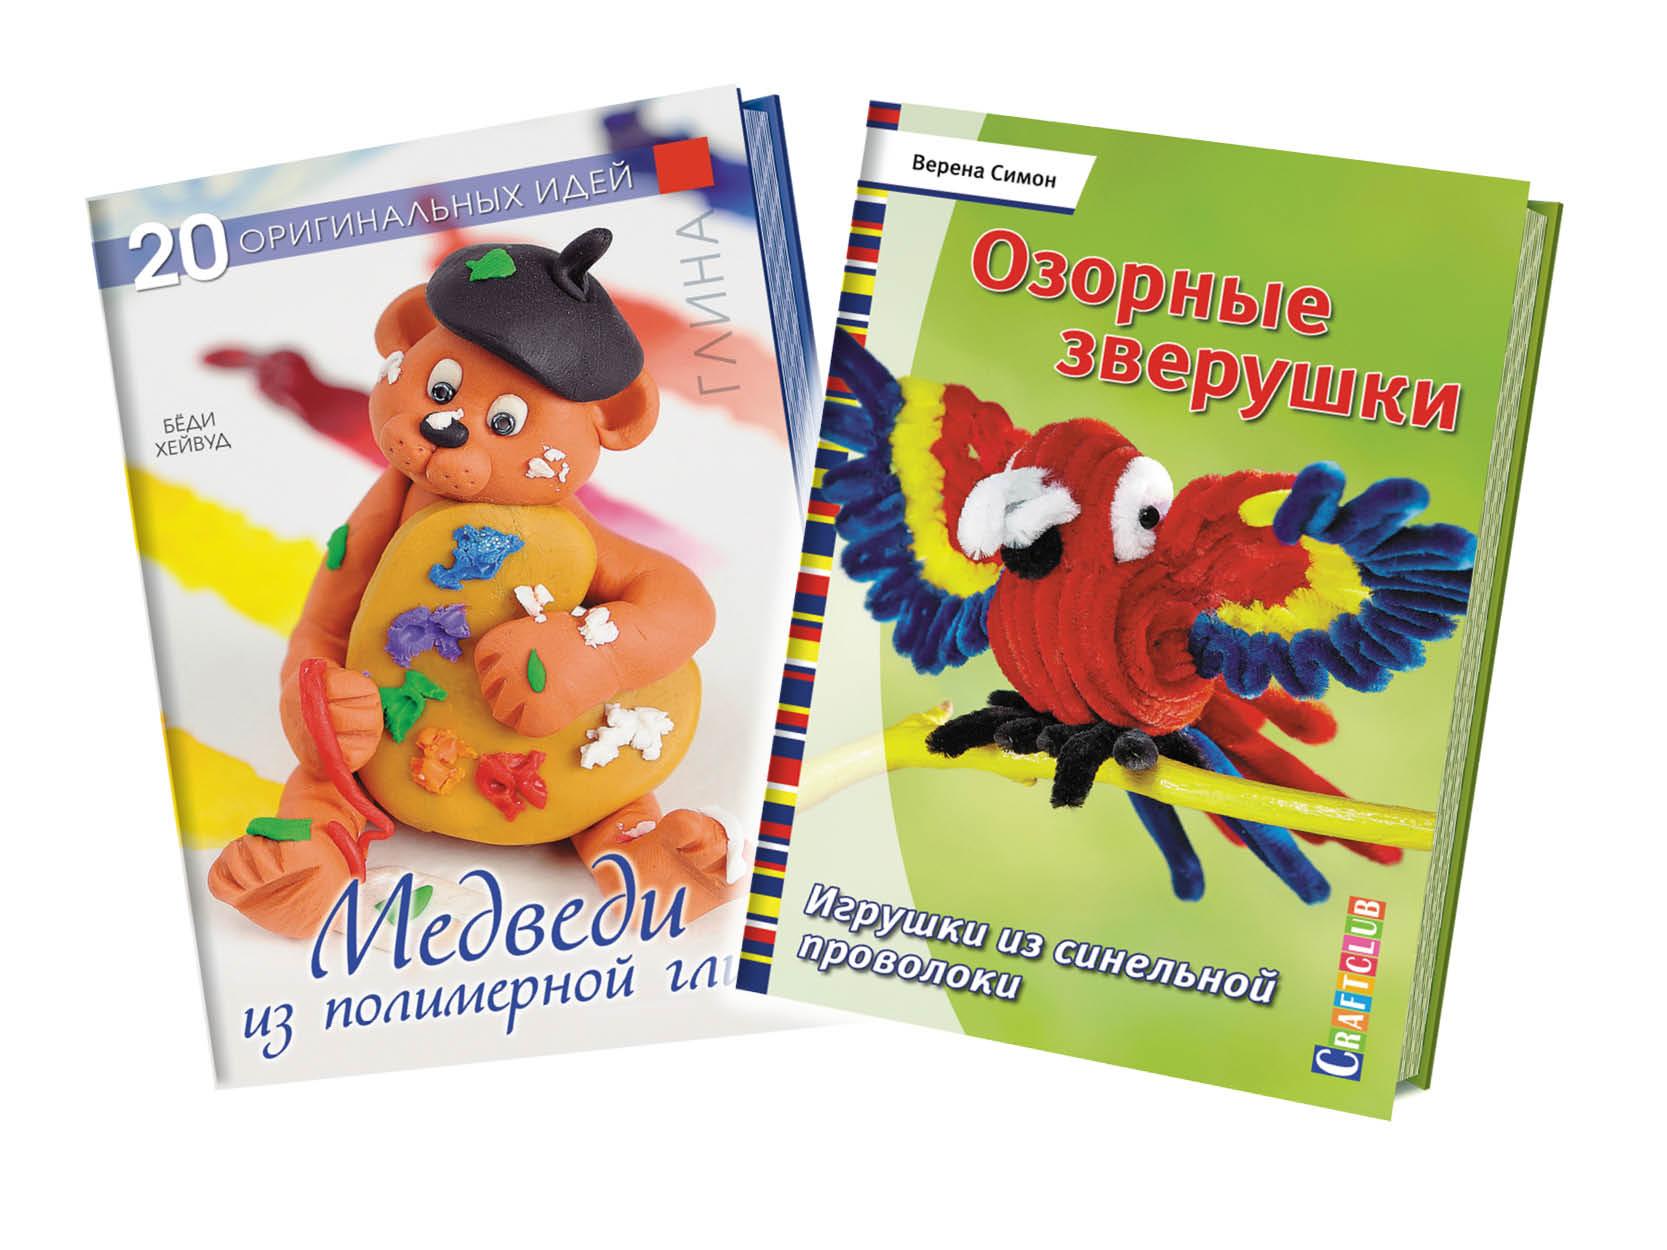 Оригинальные поделки (комплект из 2 книг)